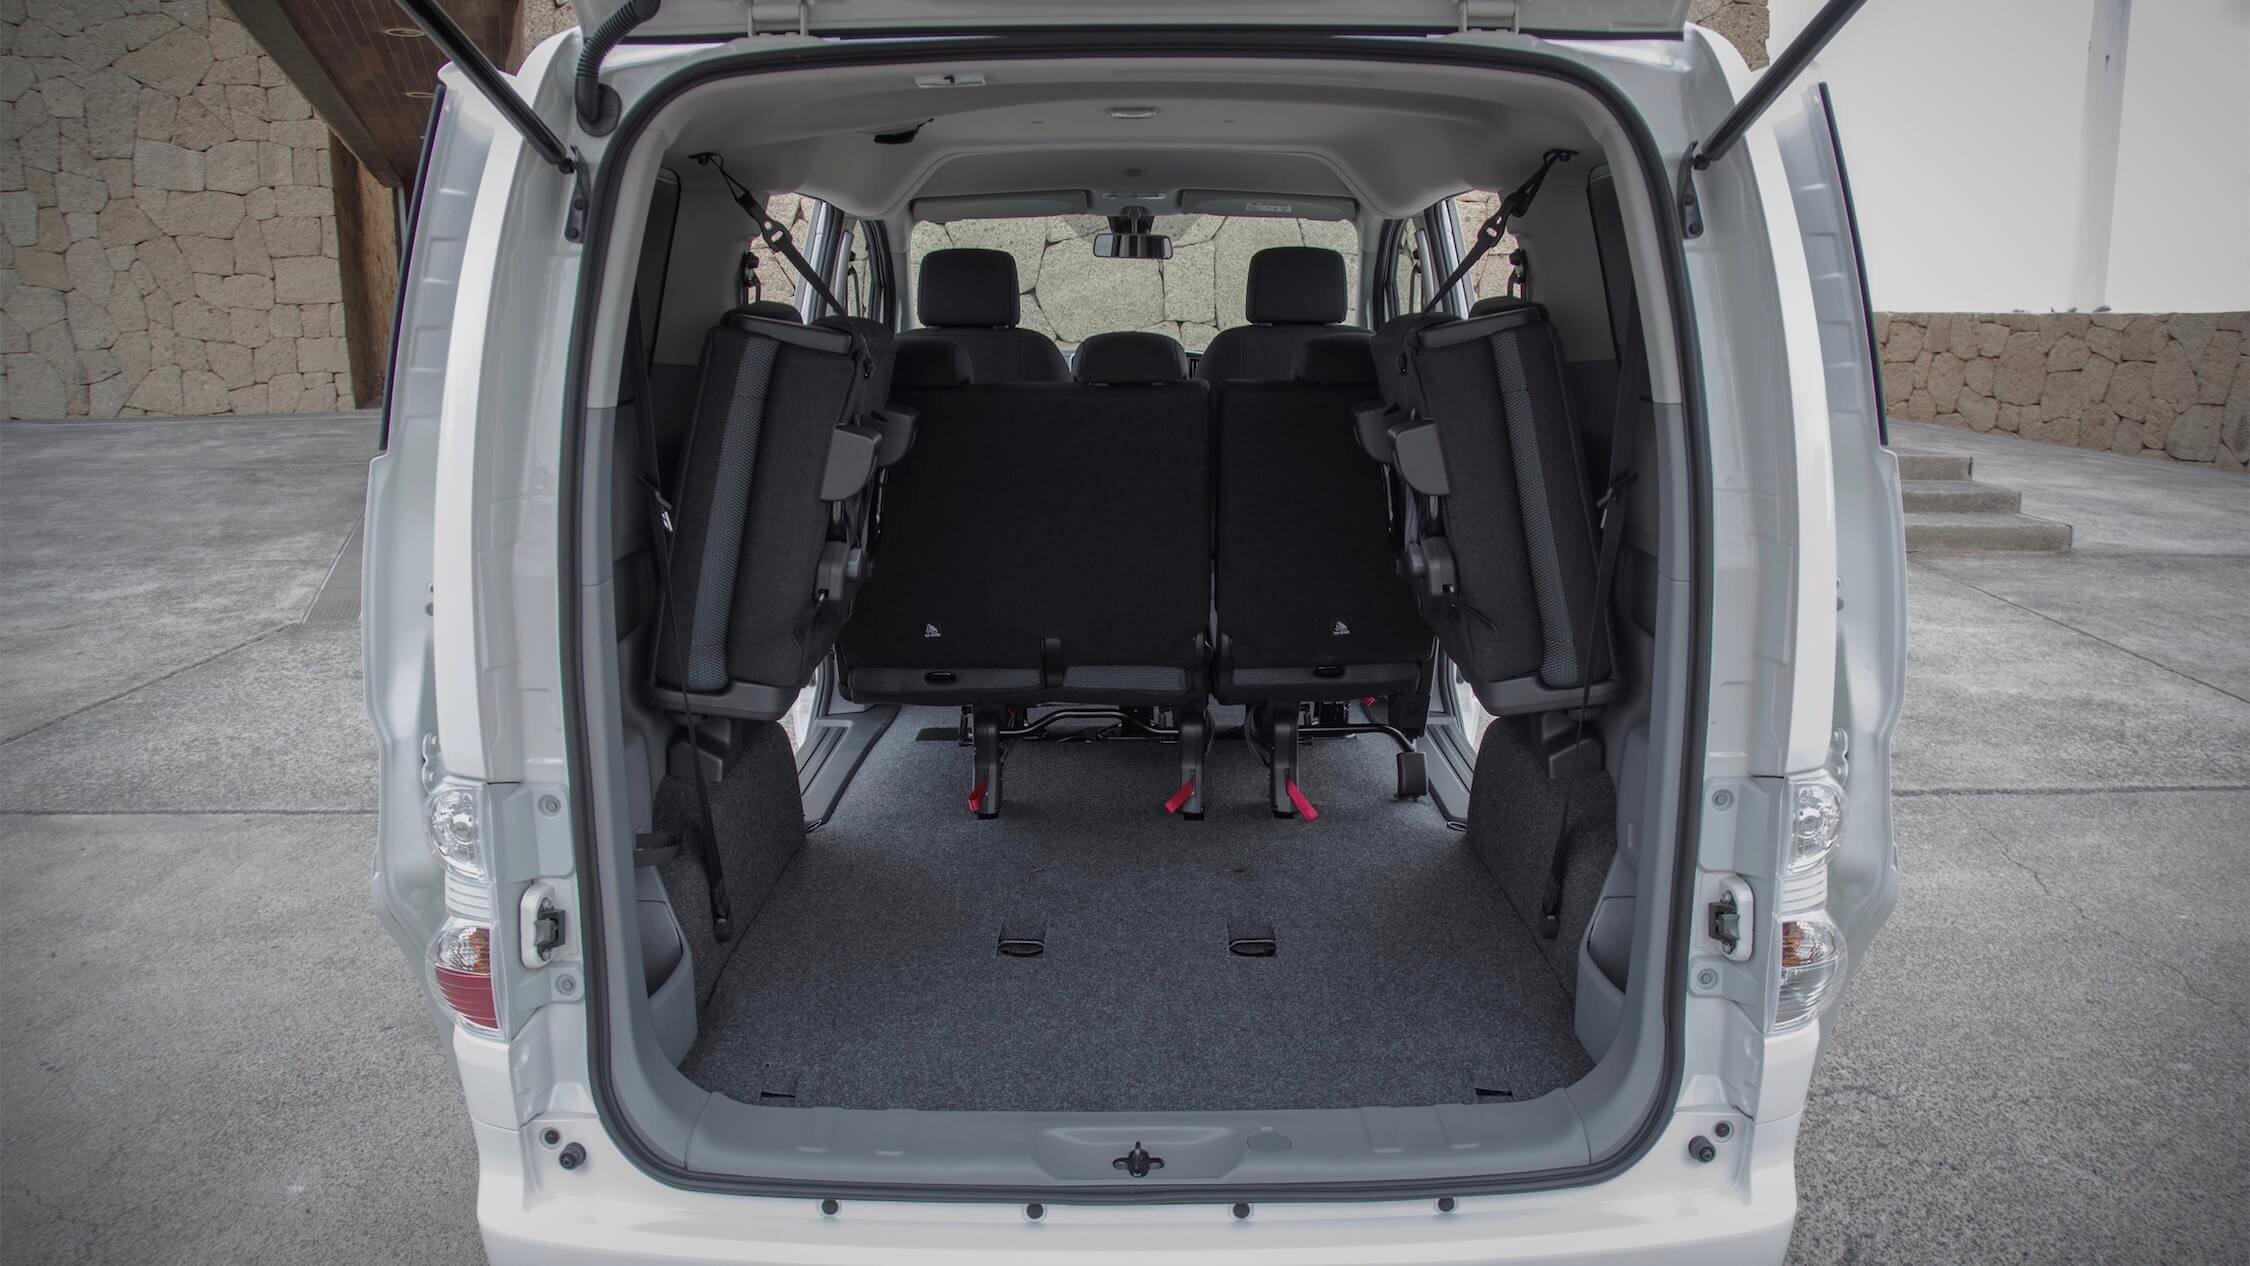 Nissan e-NV200 mala 4